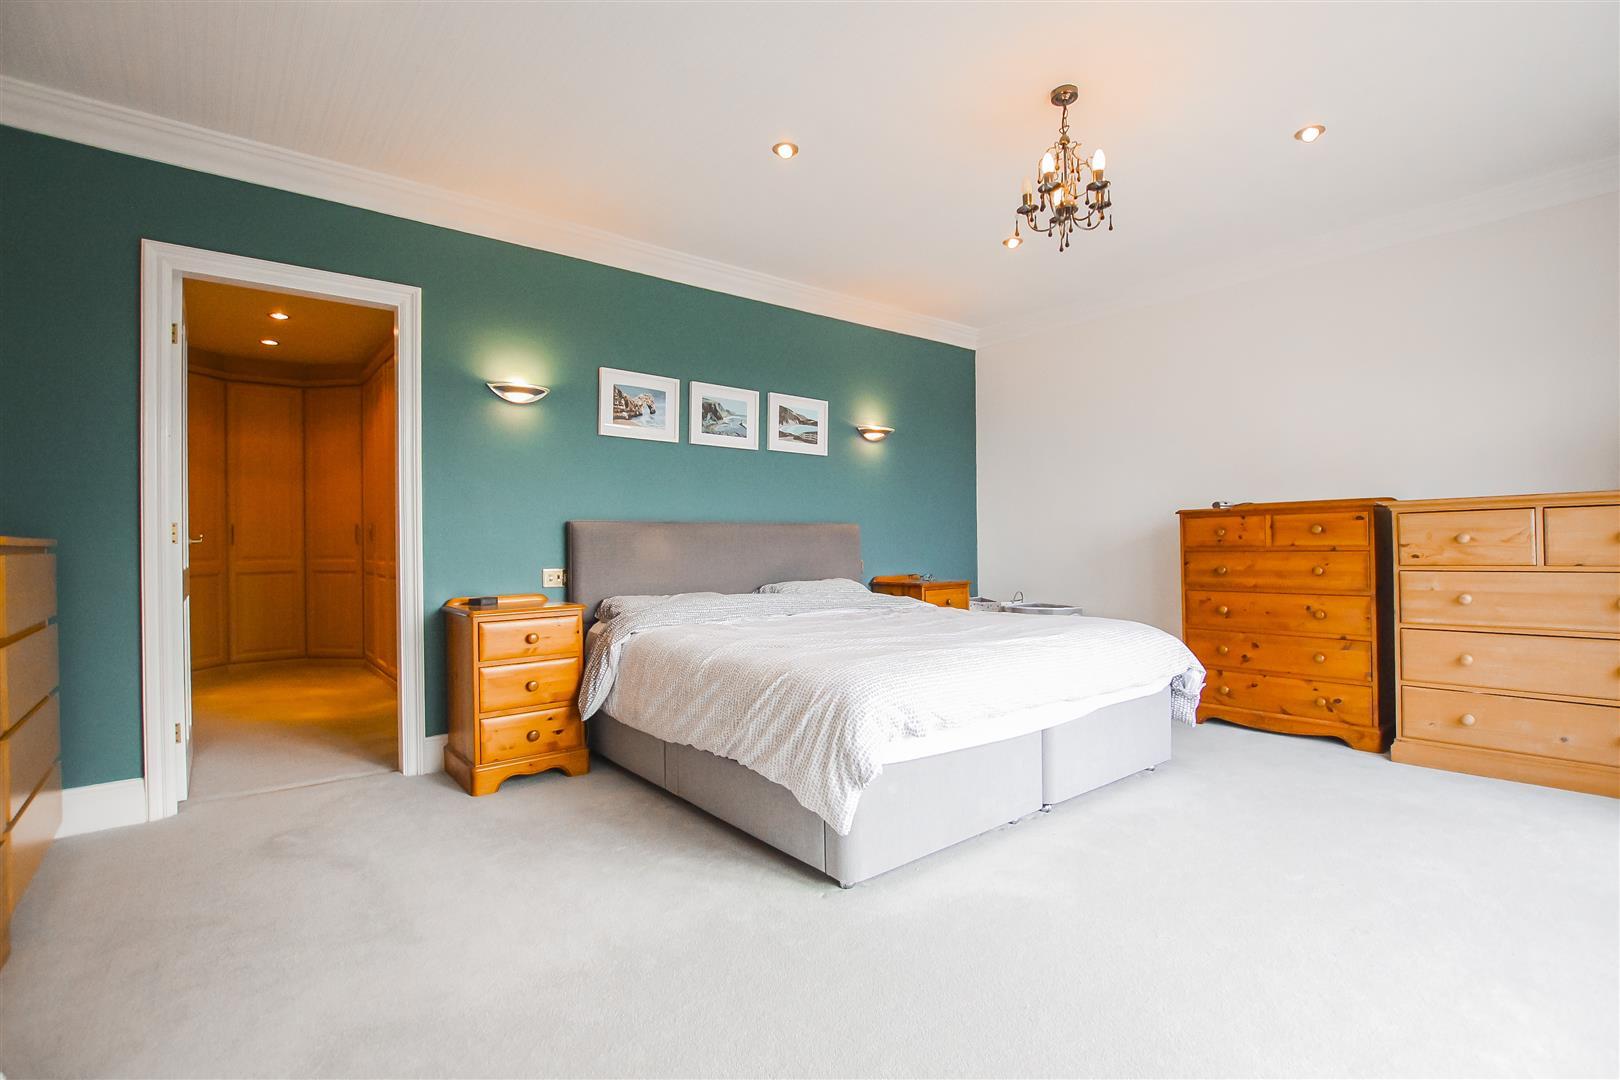 6 Bedroom Detached House For Sale - Master Bedroom